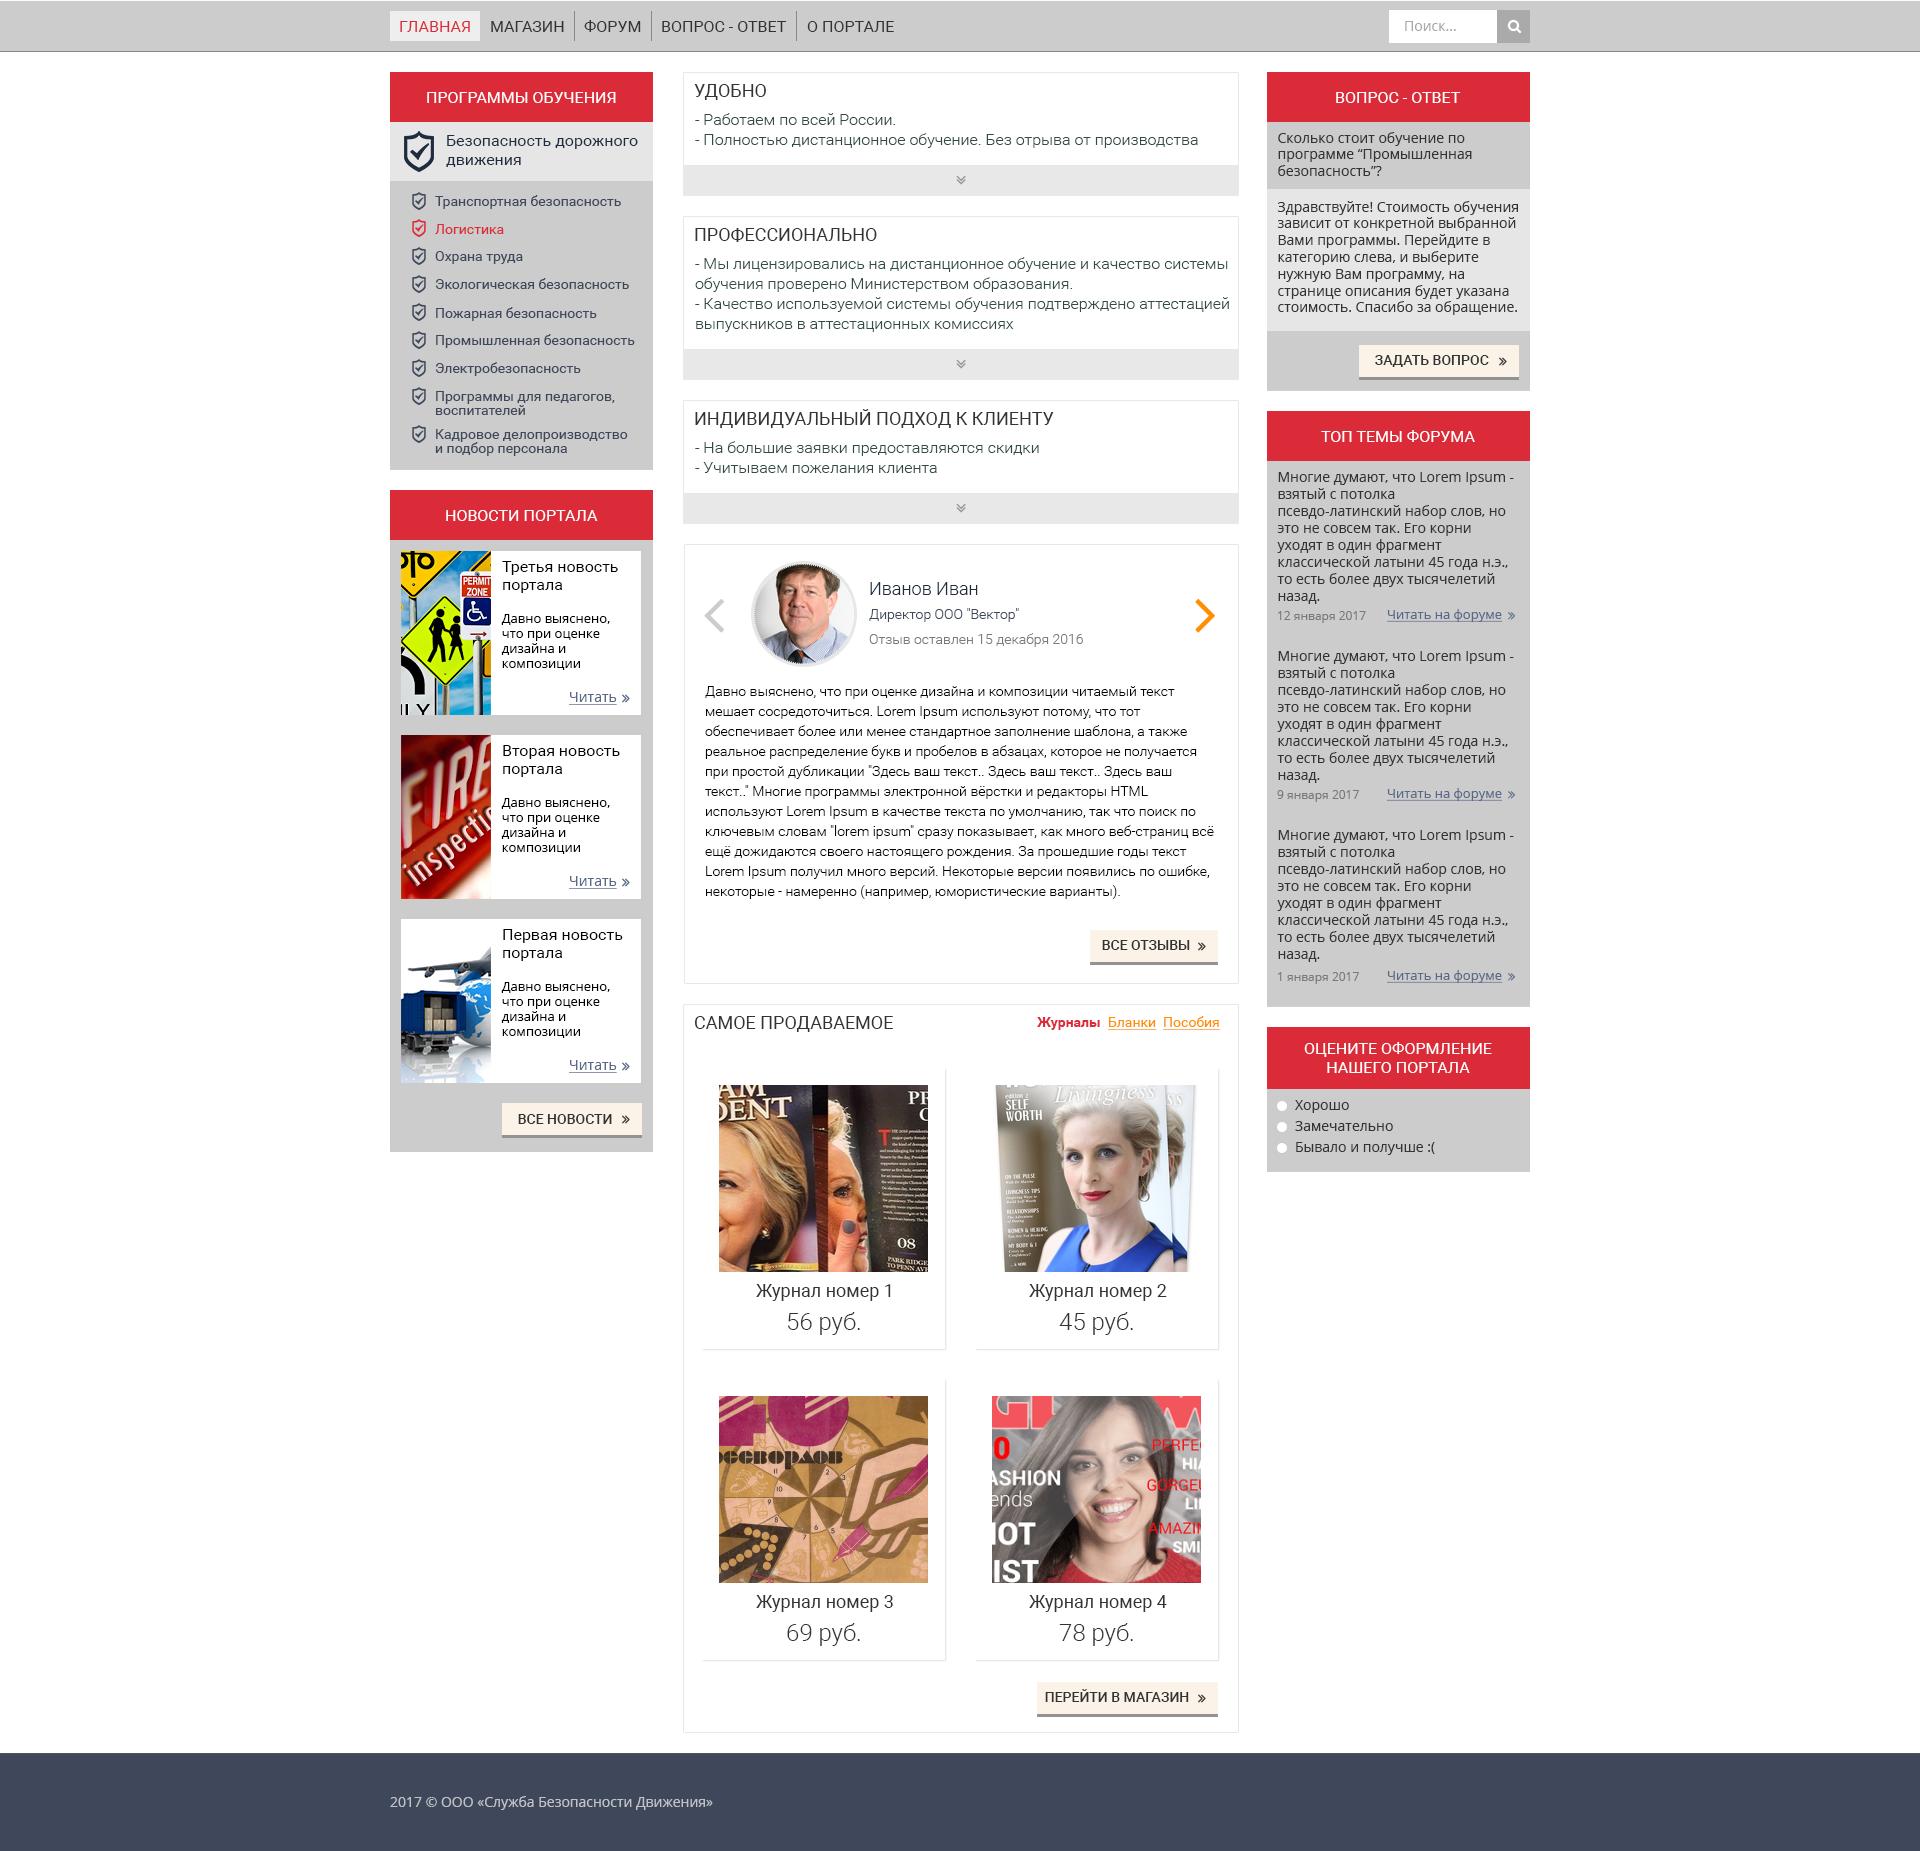 Требуется дизайн сайта занимающегося дистанционным обучением фото f_9835880c270597c6.png